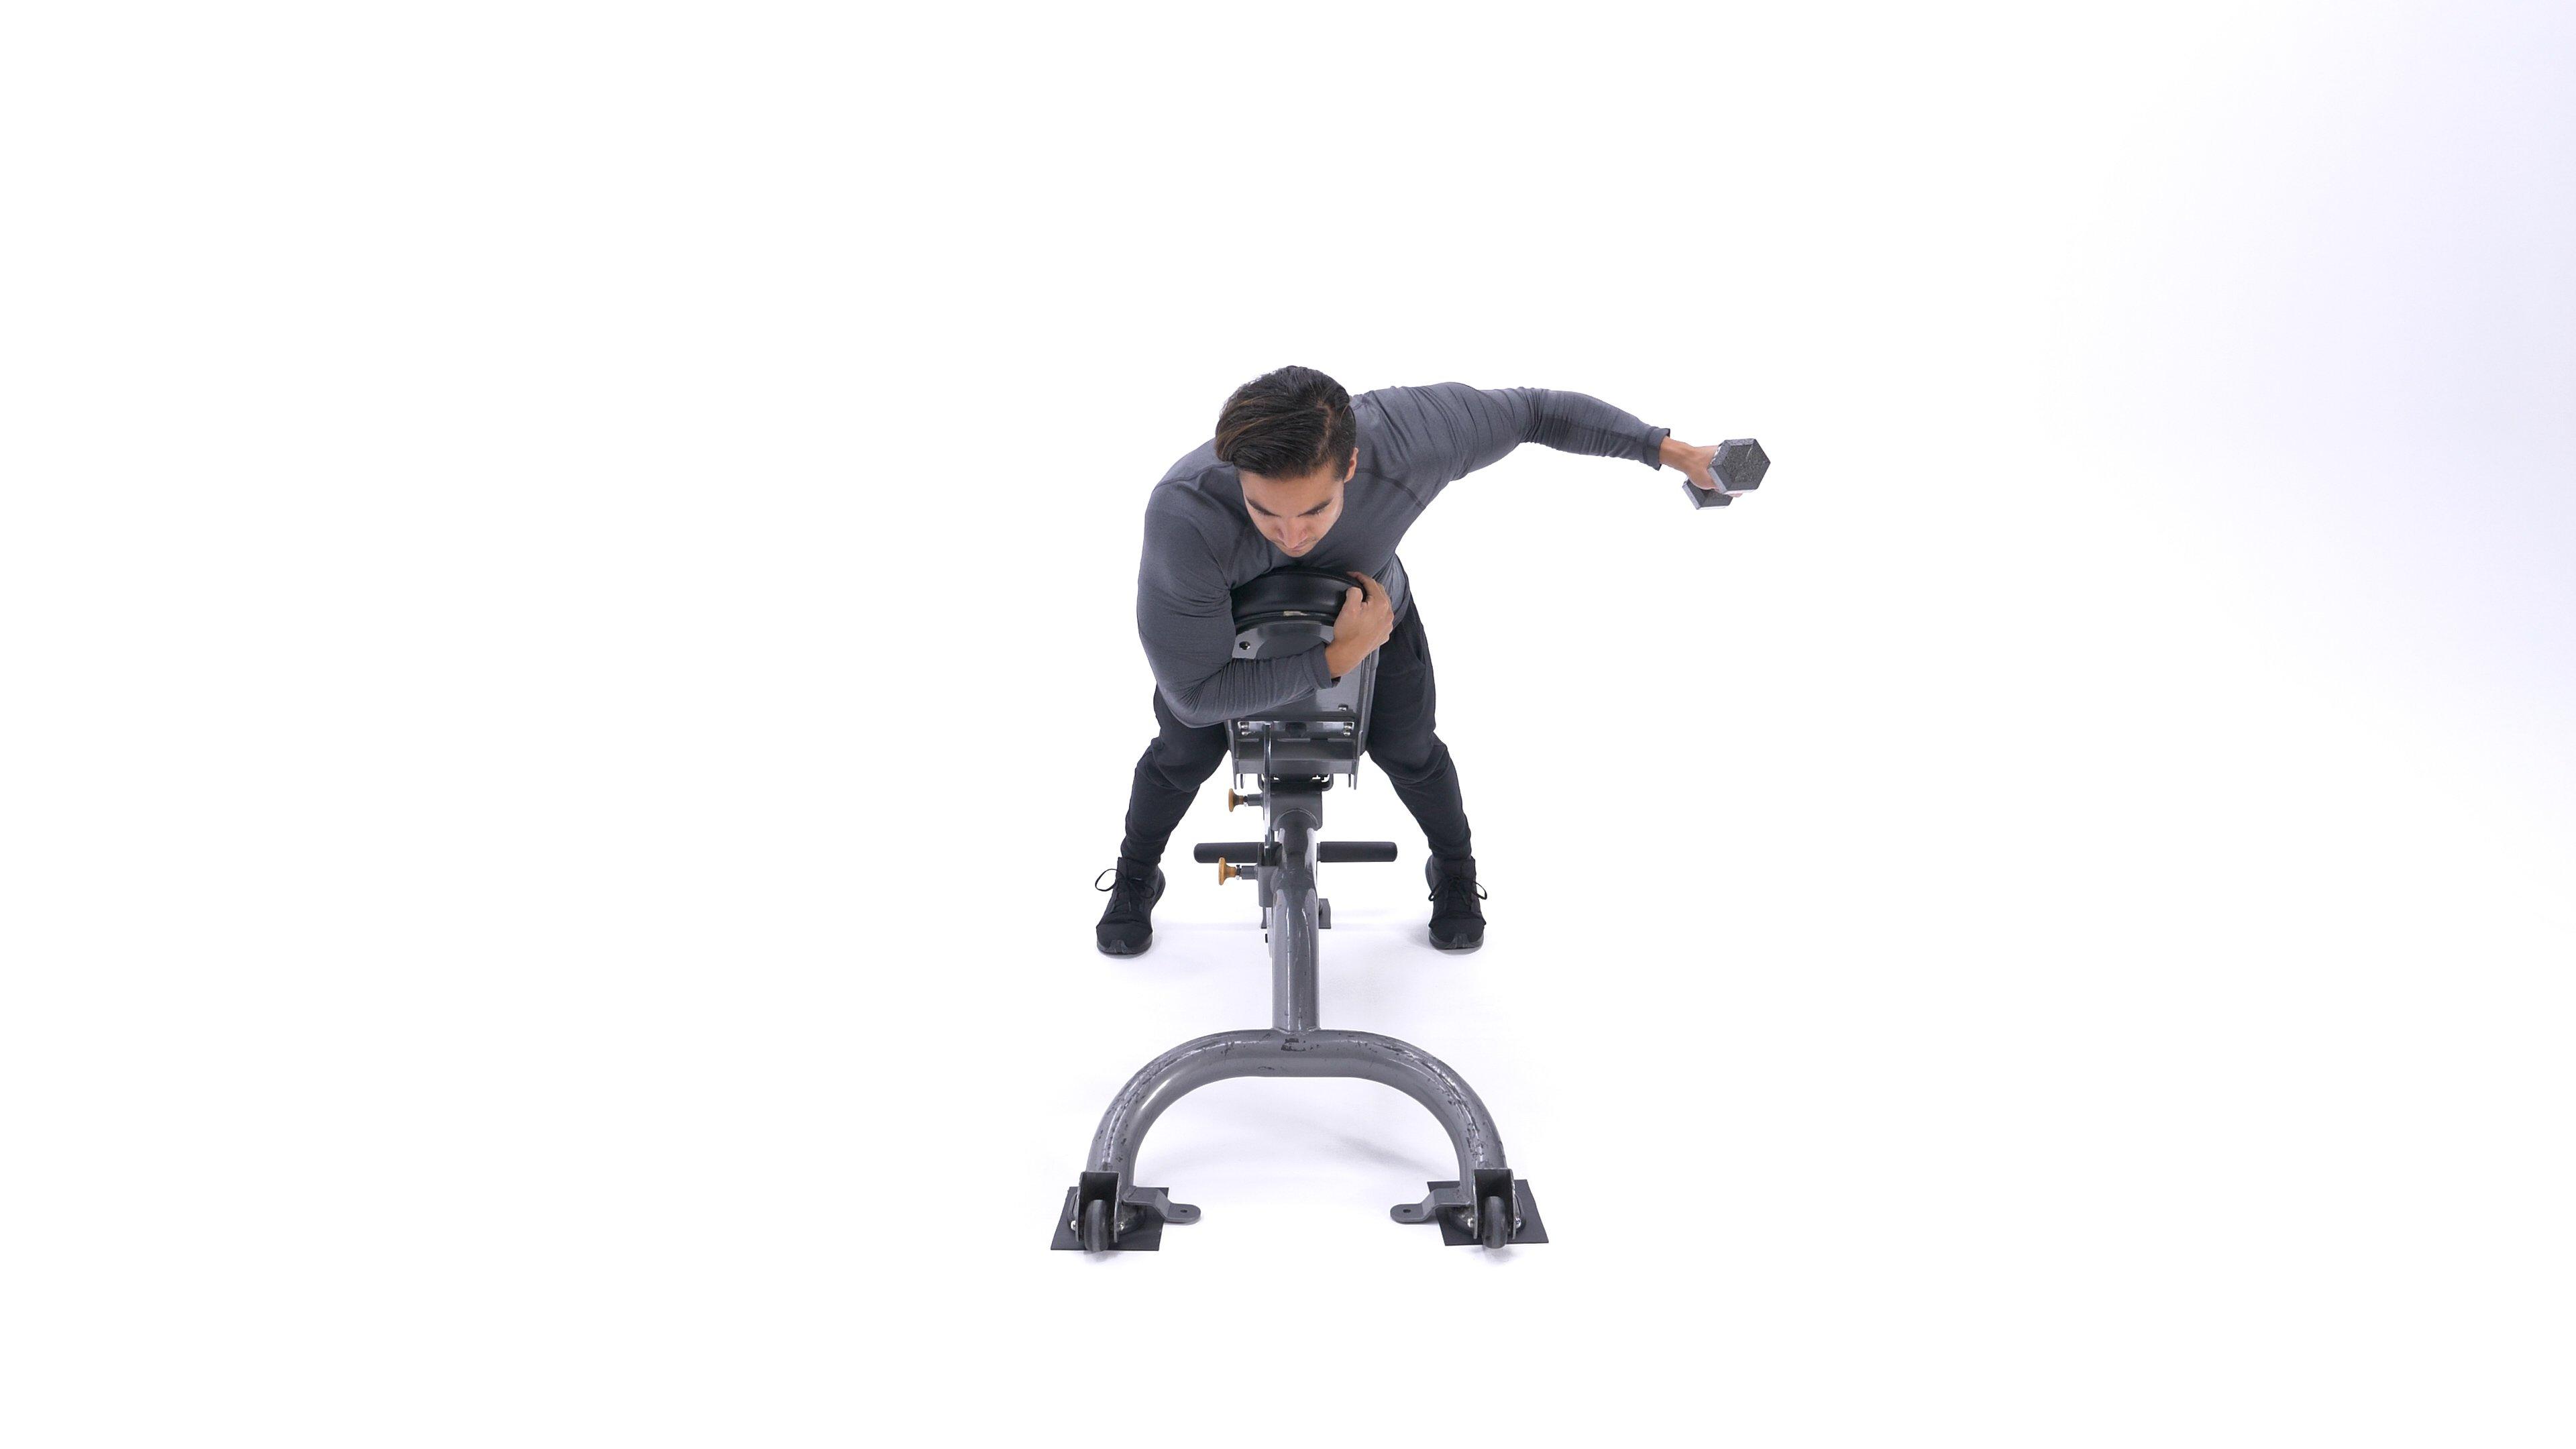 Single-arm incline rear delt raise image